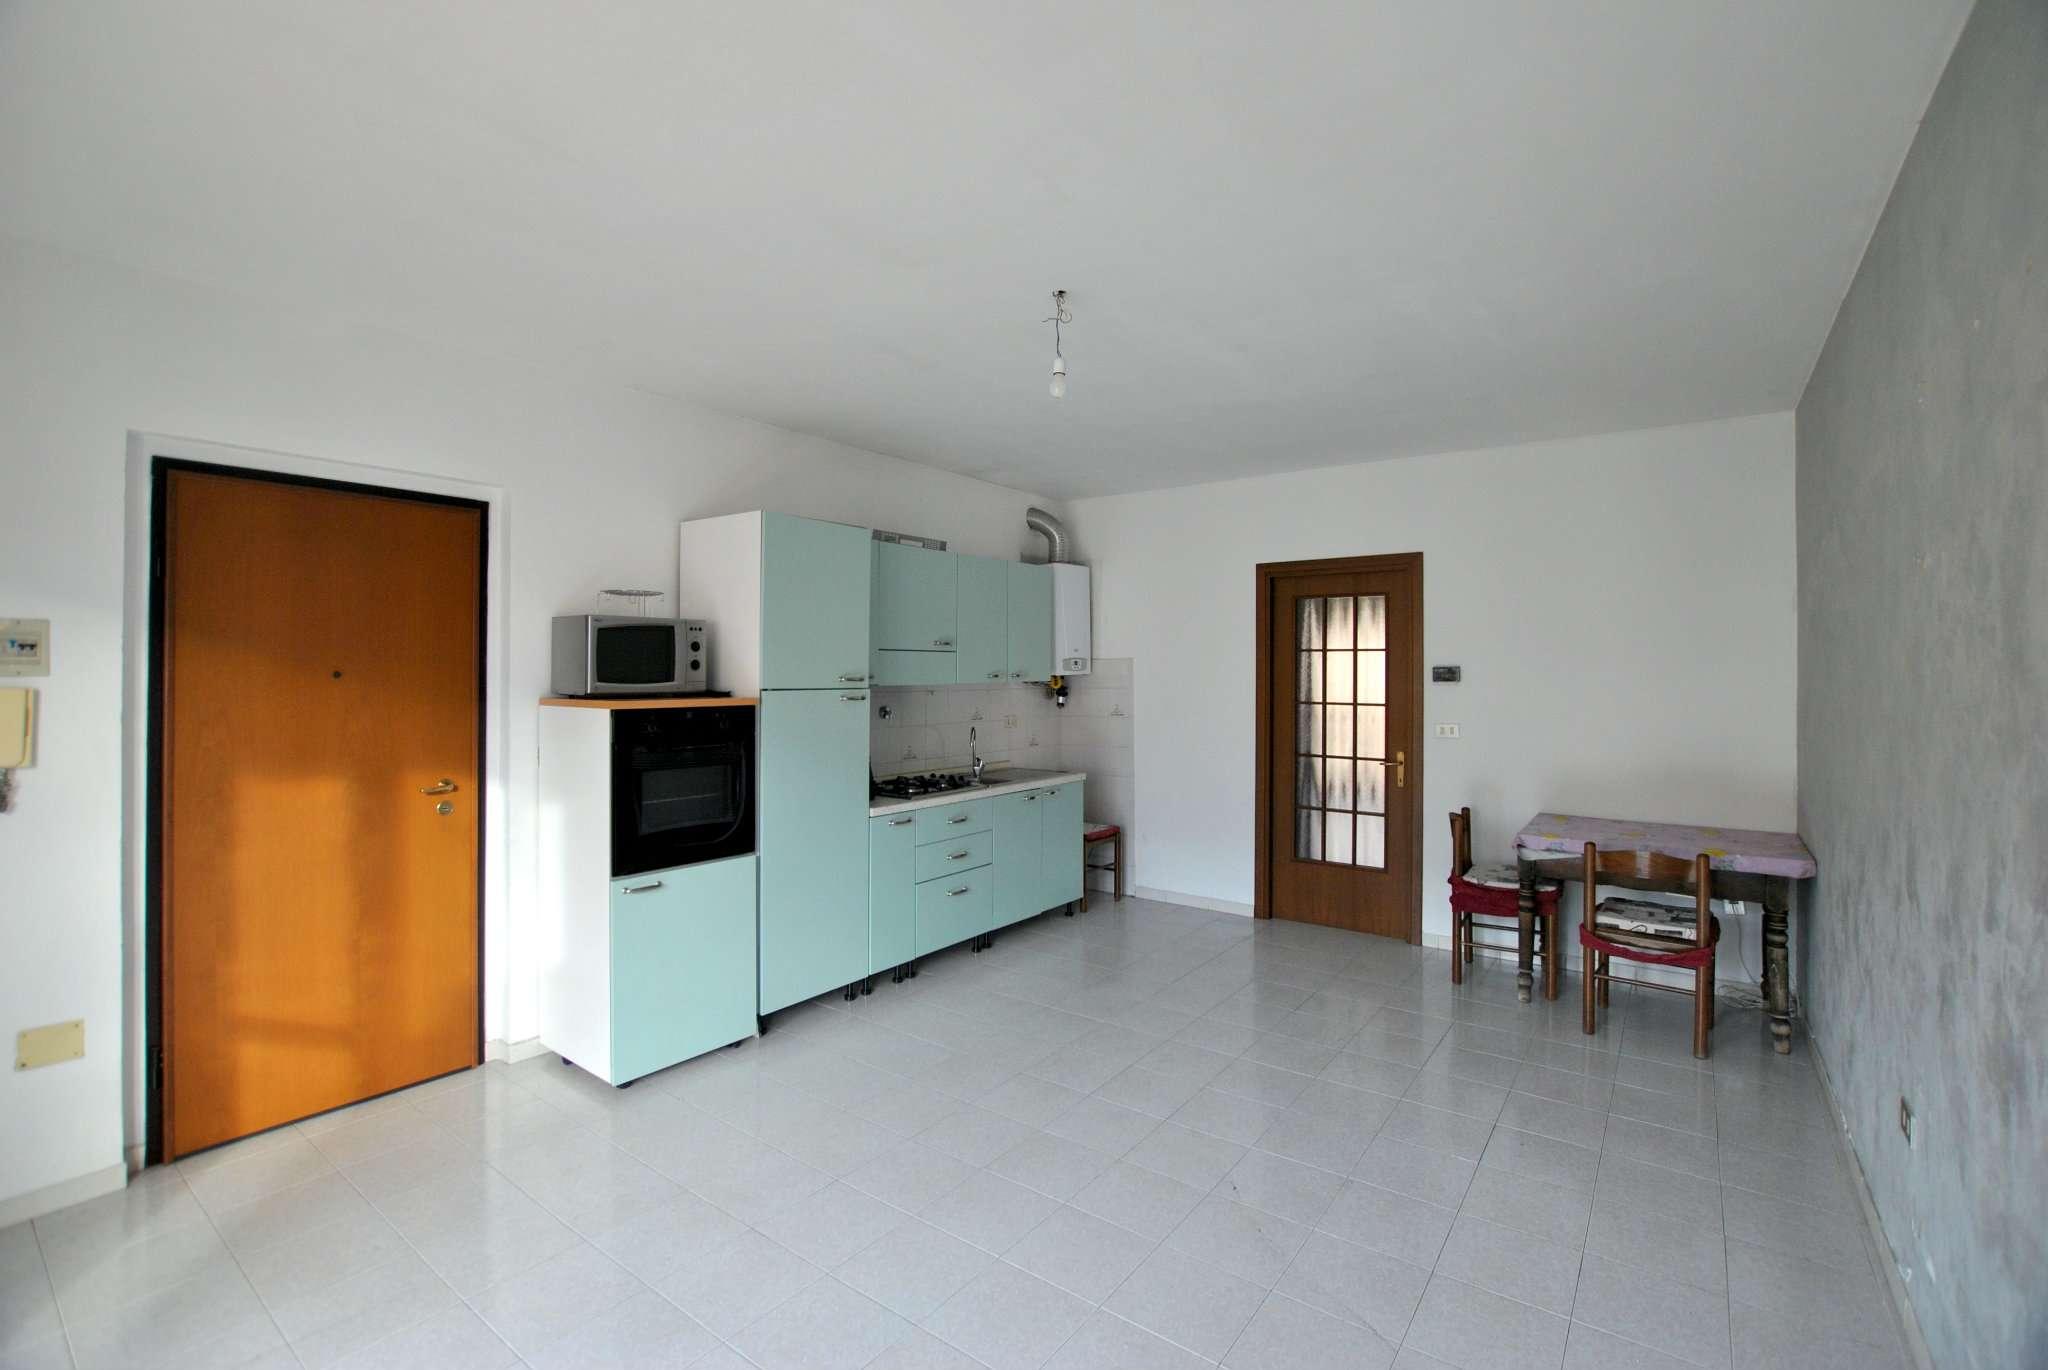 Appartamento in vendita a Borgone Susa, 2 locali, prezzo € 59.000 | CambioCasa.it